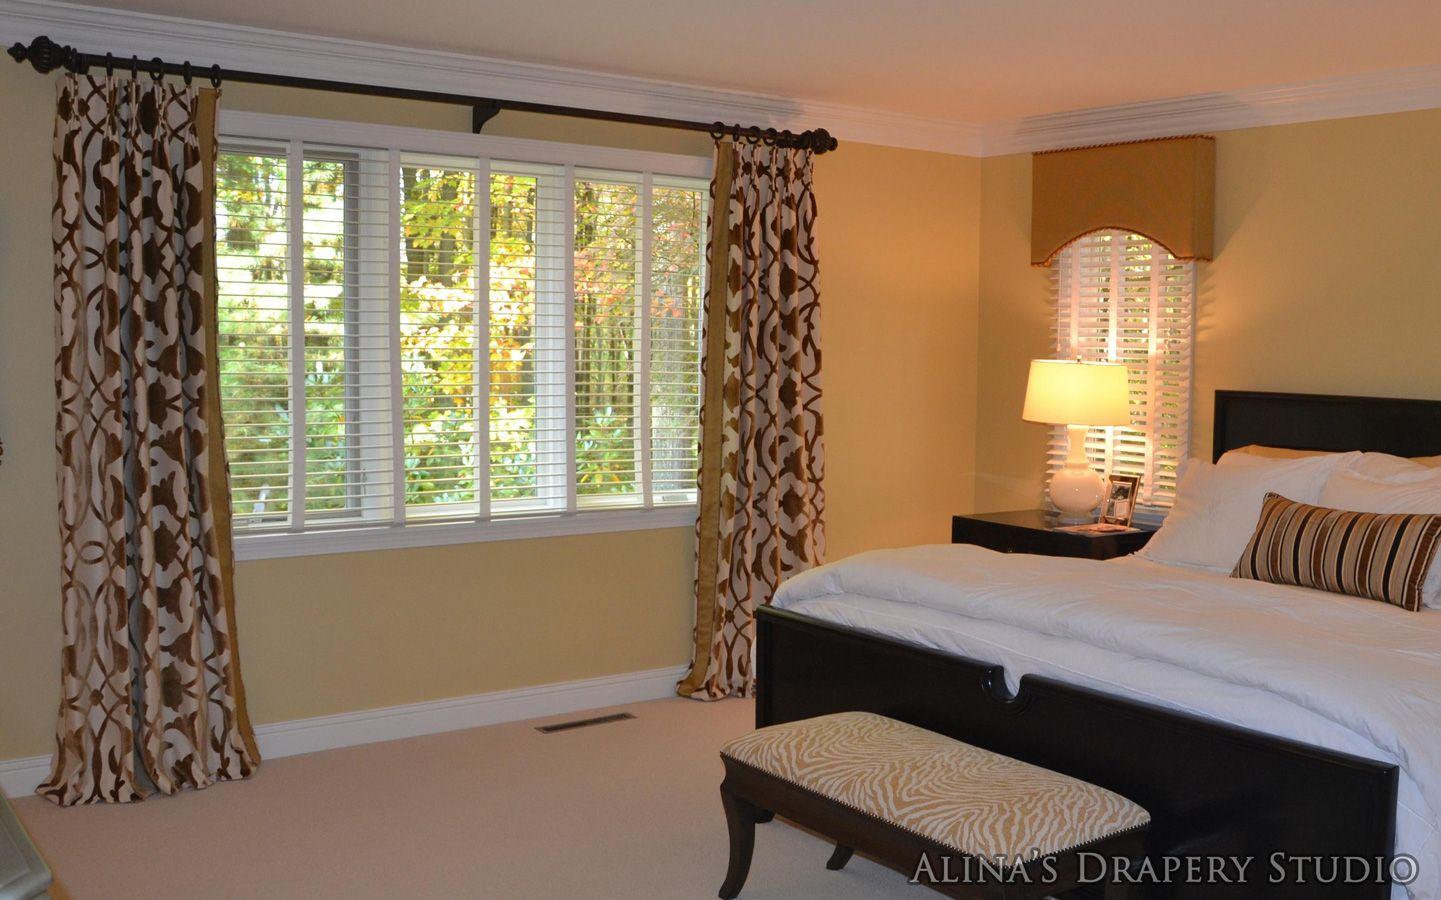 Surfschlafzimmer, Schlafzimmerwand, Schickes Schlafzimmer, Schlafzimmer  Ideen, Schlafzimmerdeko, Schlafzimmerfenster Behandlungen,  Schlafzimmerfenster, ...